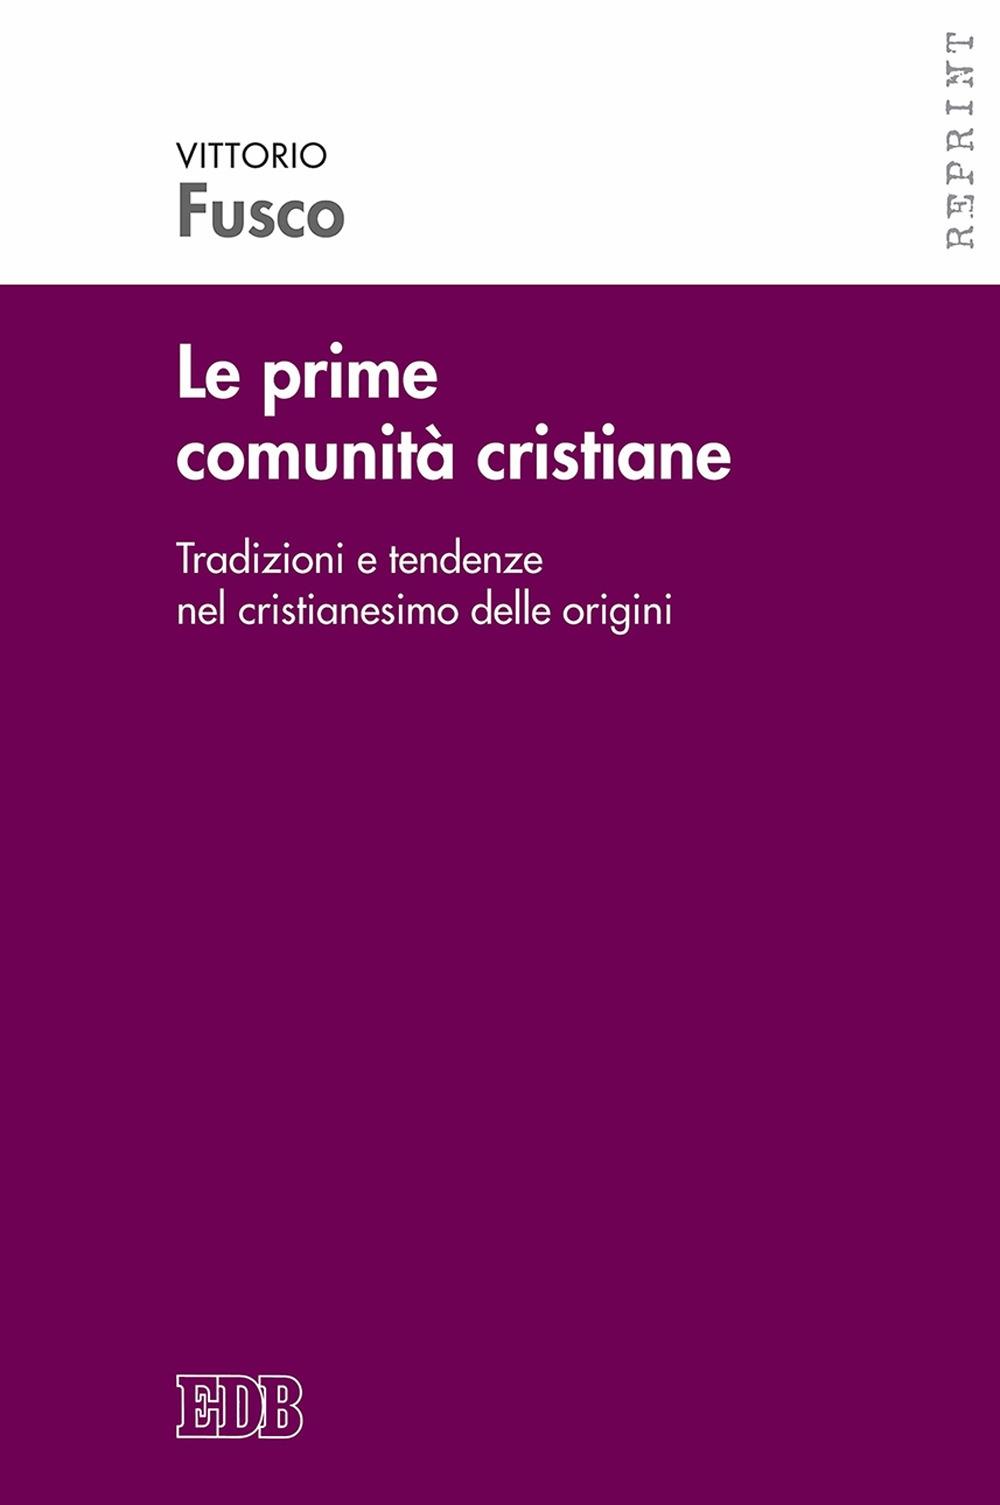 Le prime comunità cristiane. Tradizioni e tendenze nel cristianesimo delle origini.